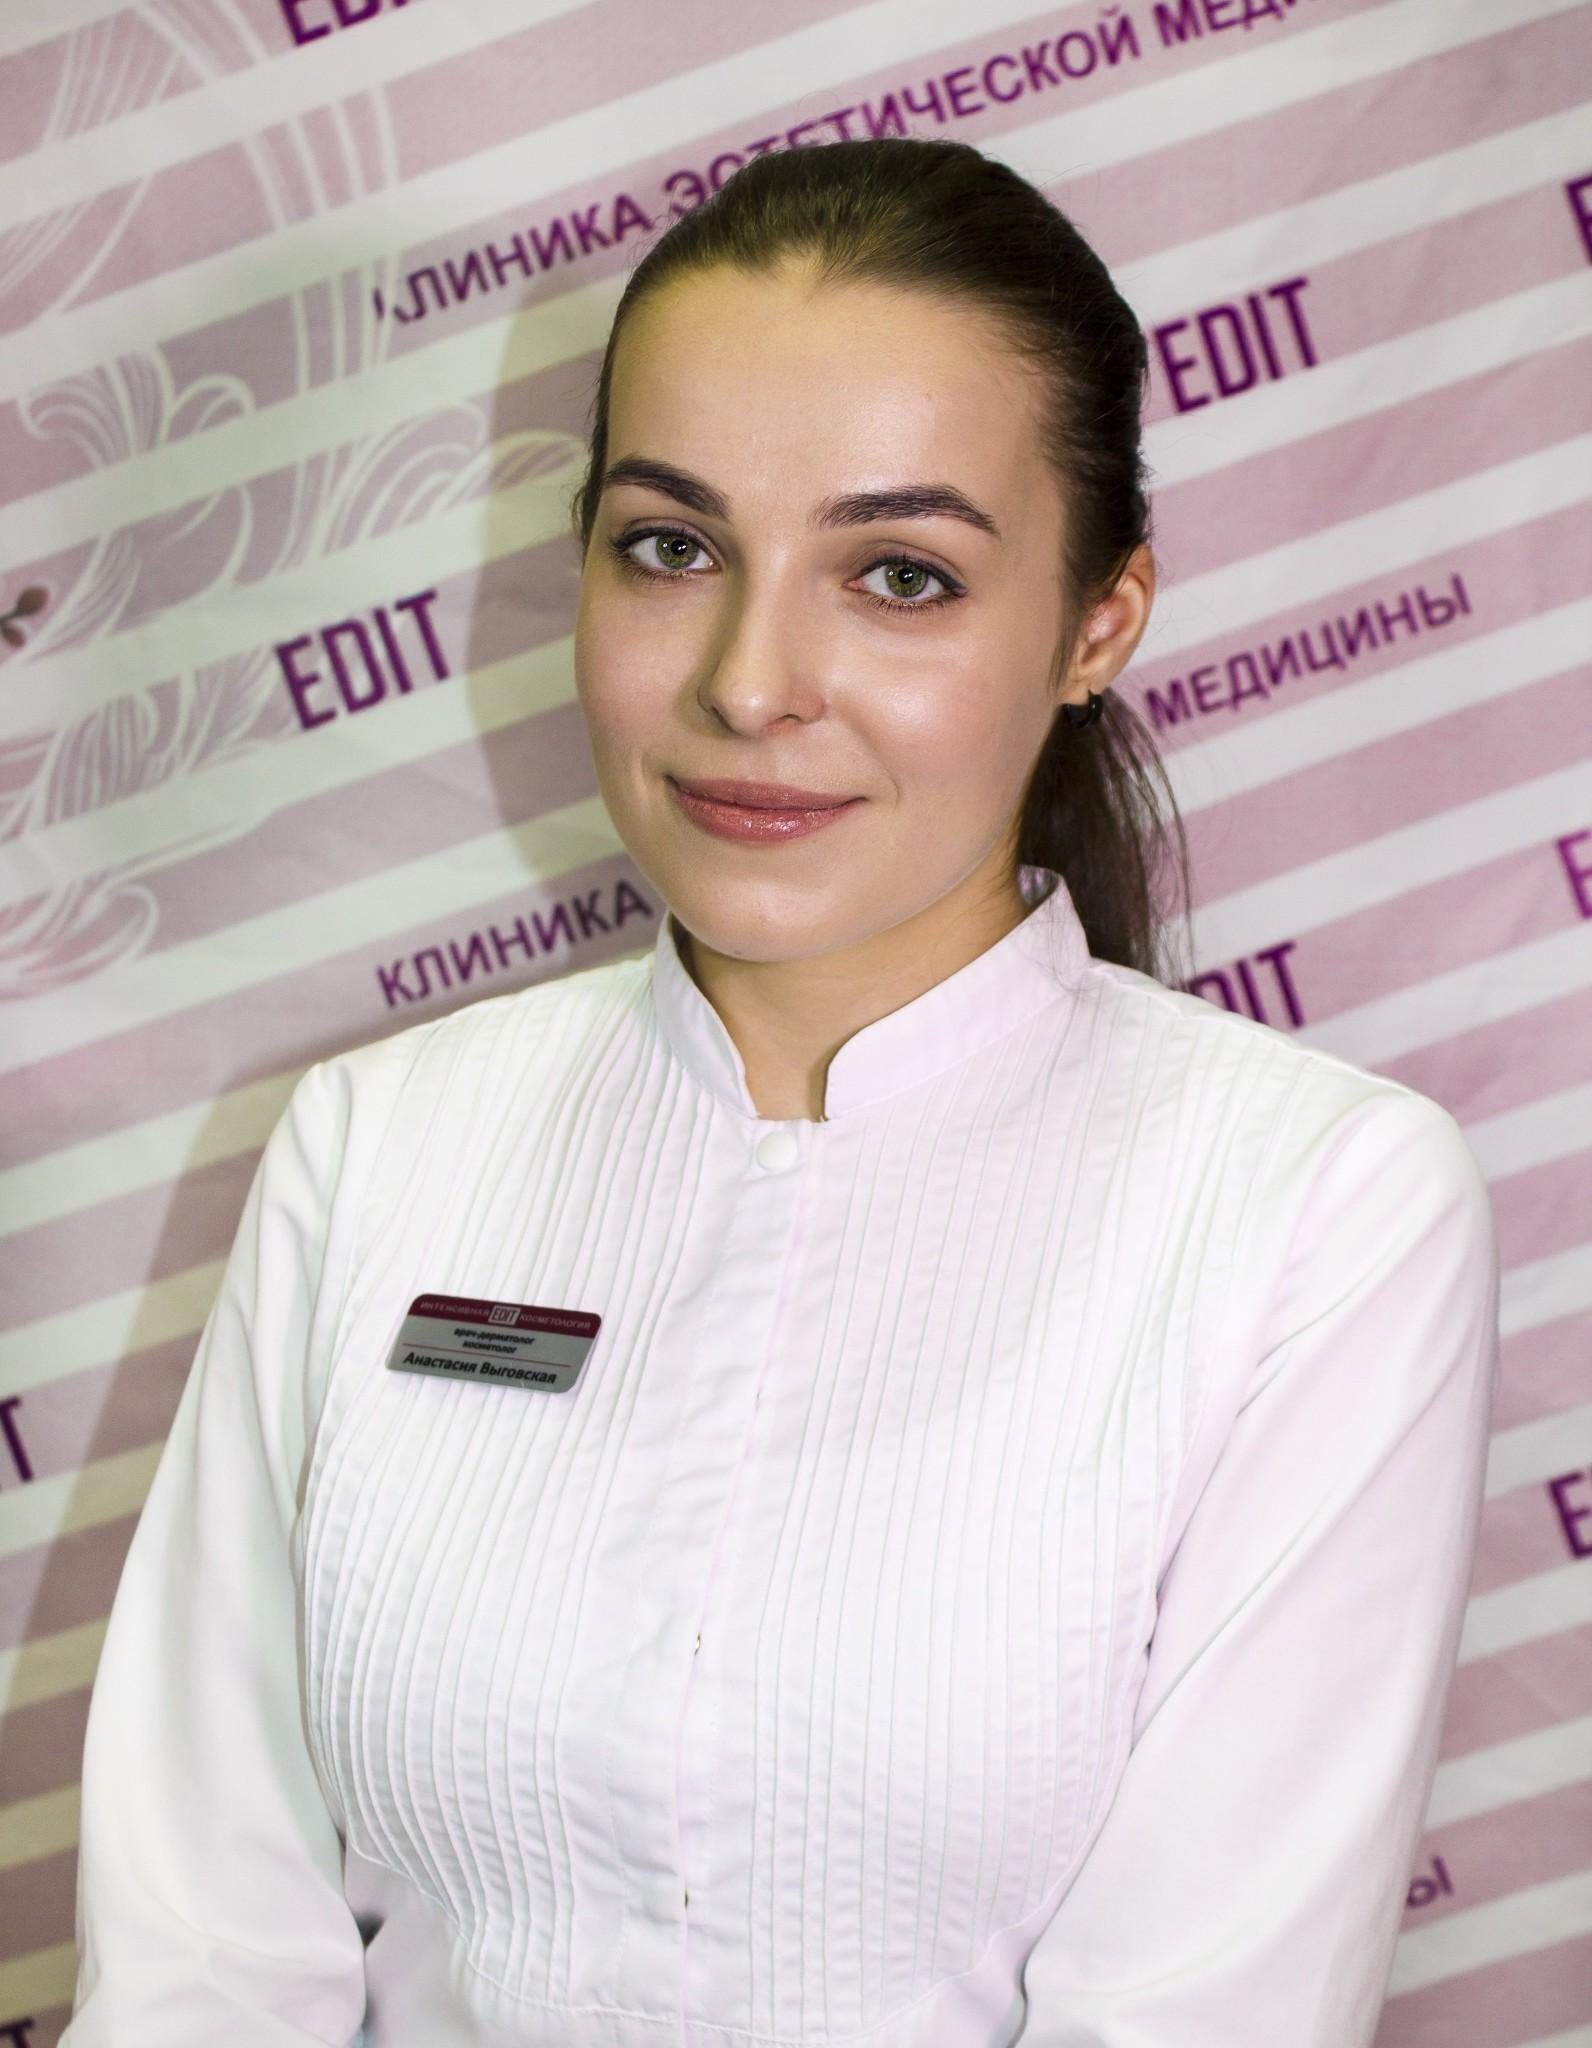 vigowskaya new min Бесплатная консультация